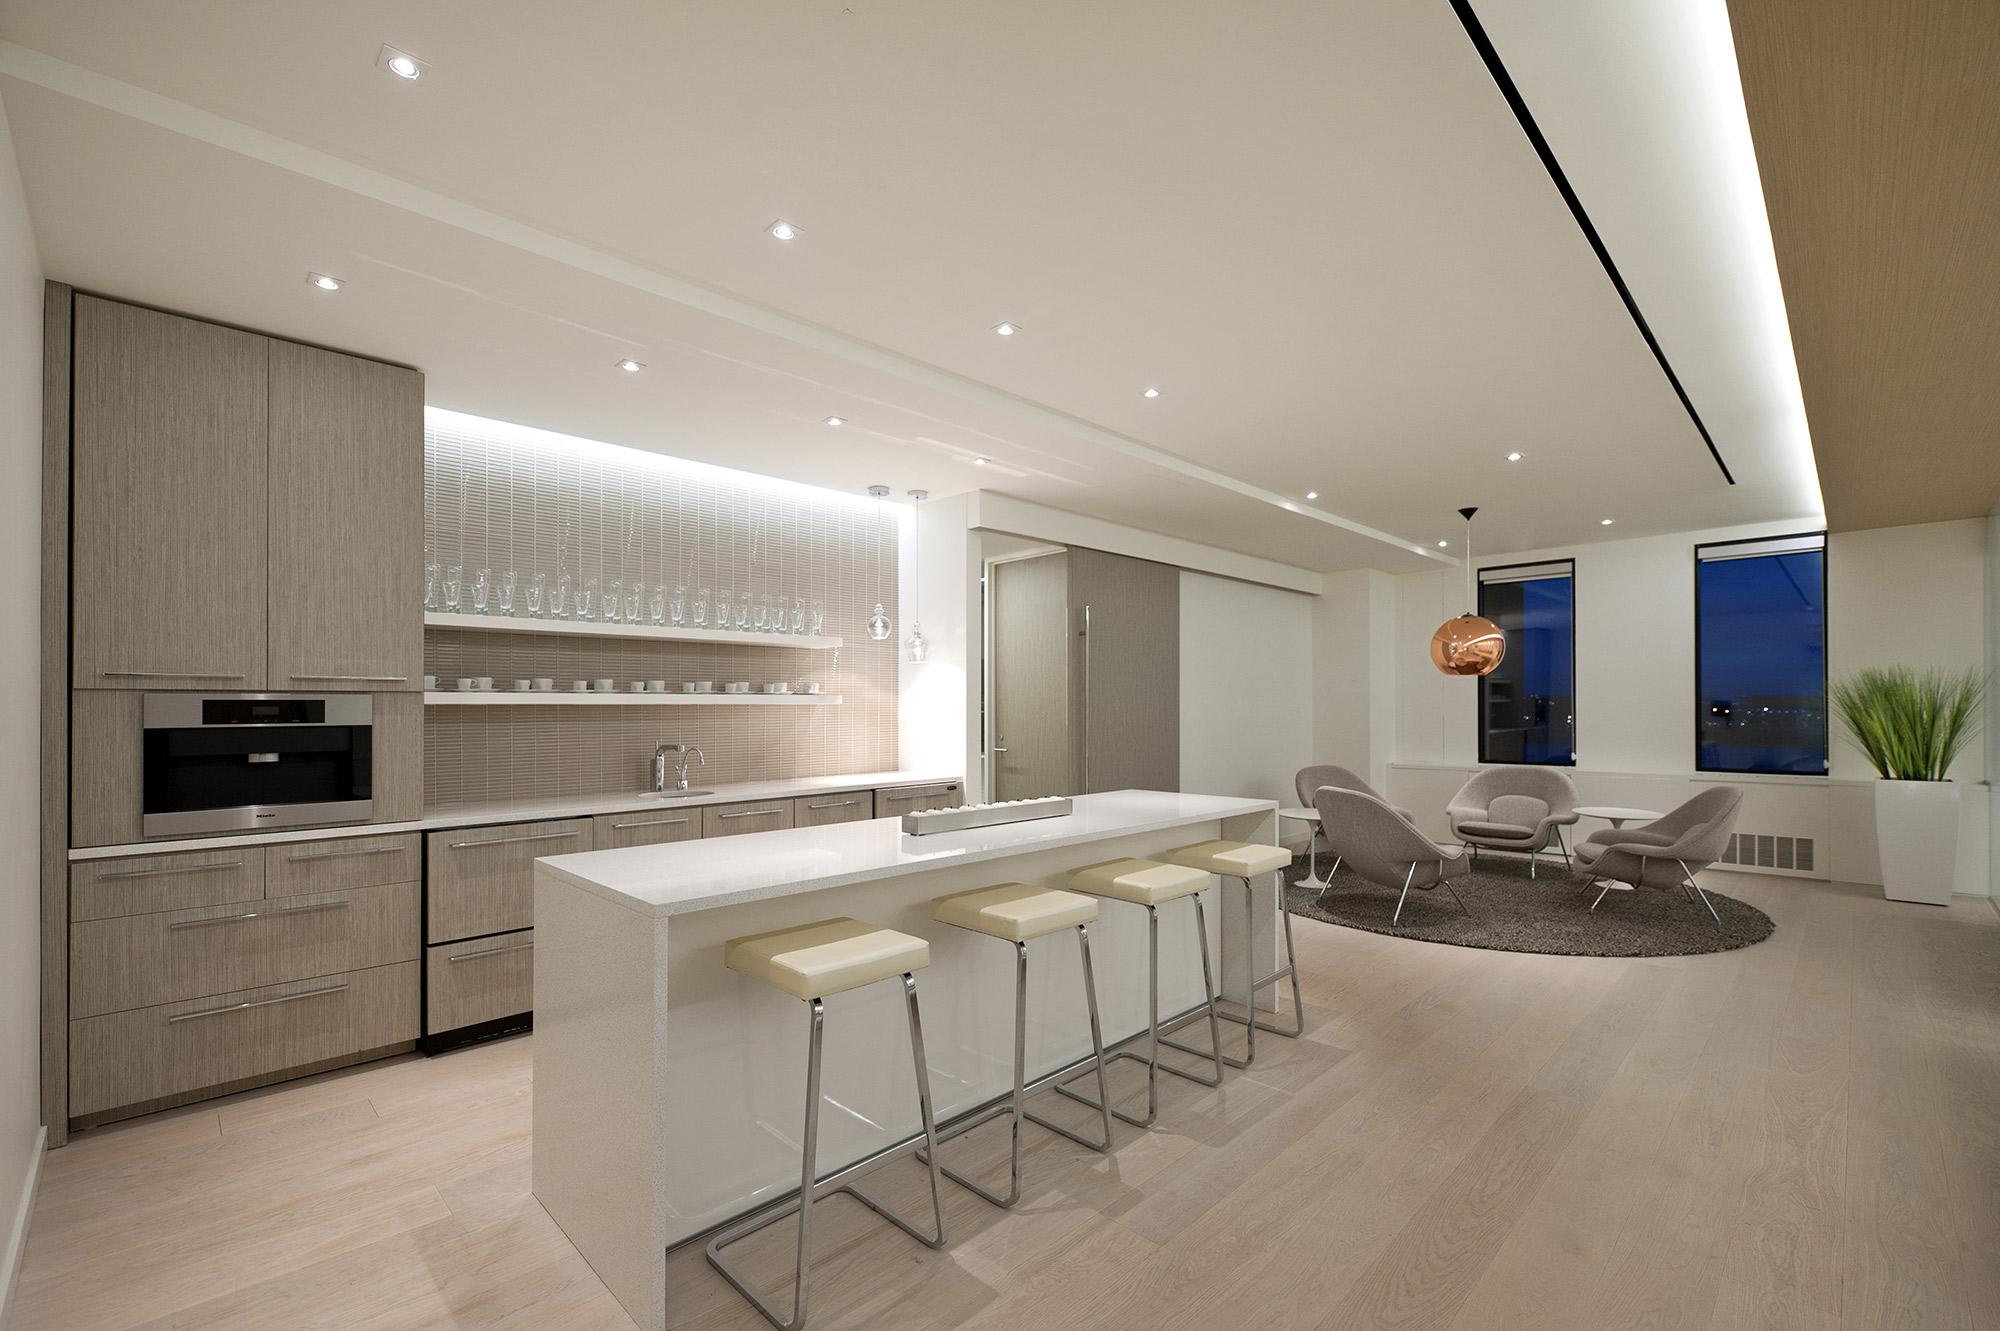 interior-design-financial-office-kitchen.jpg